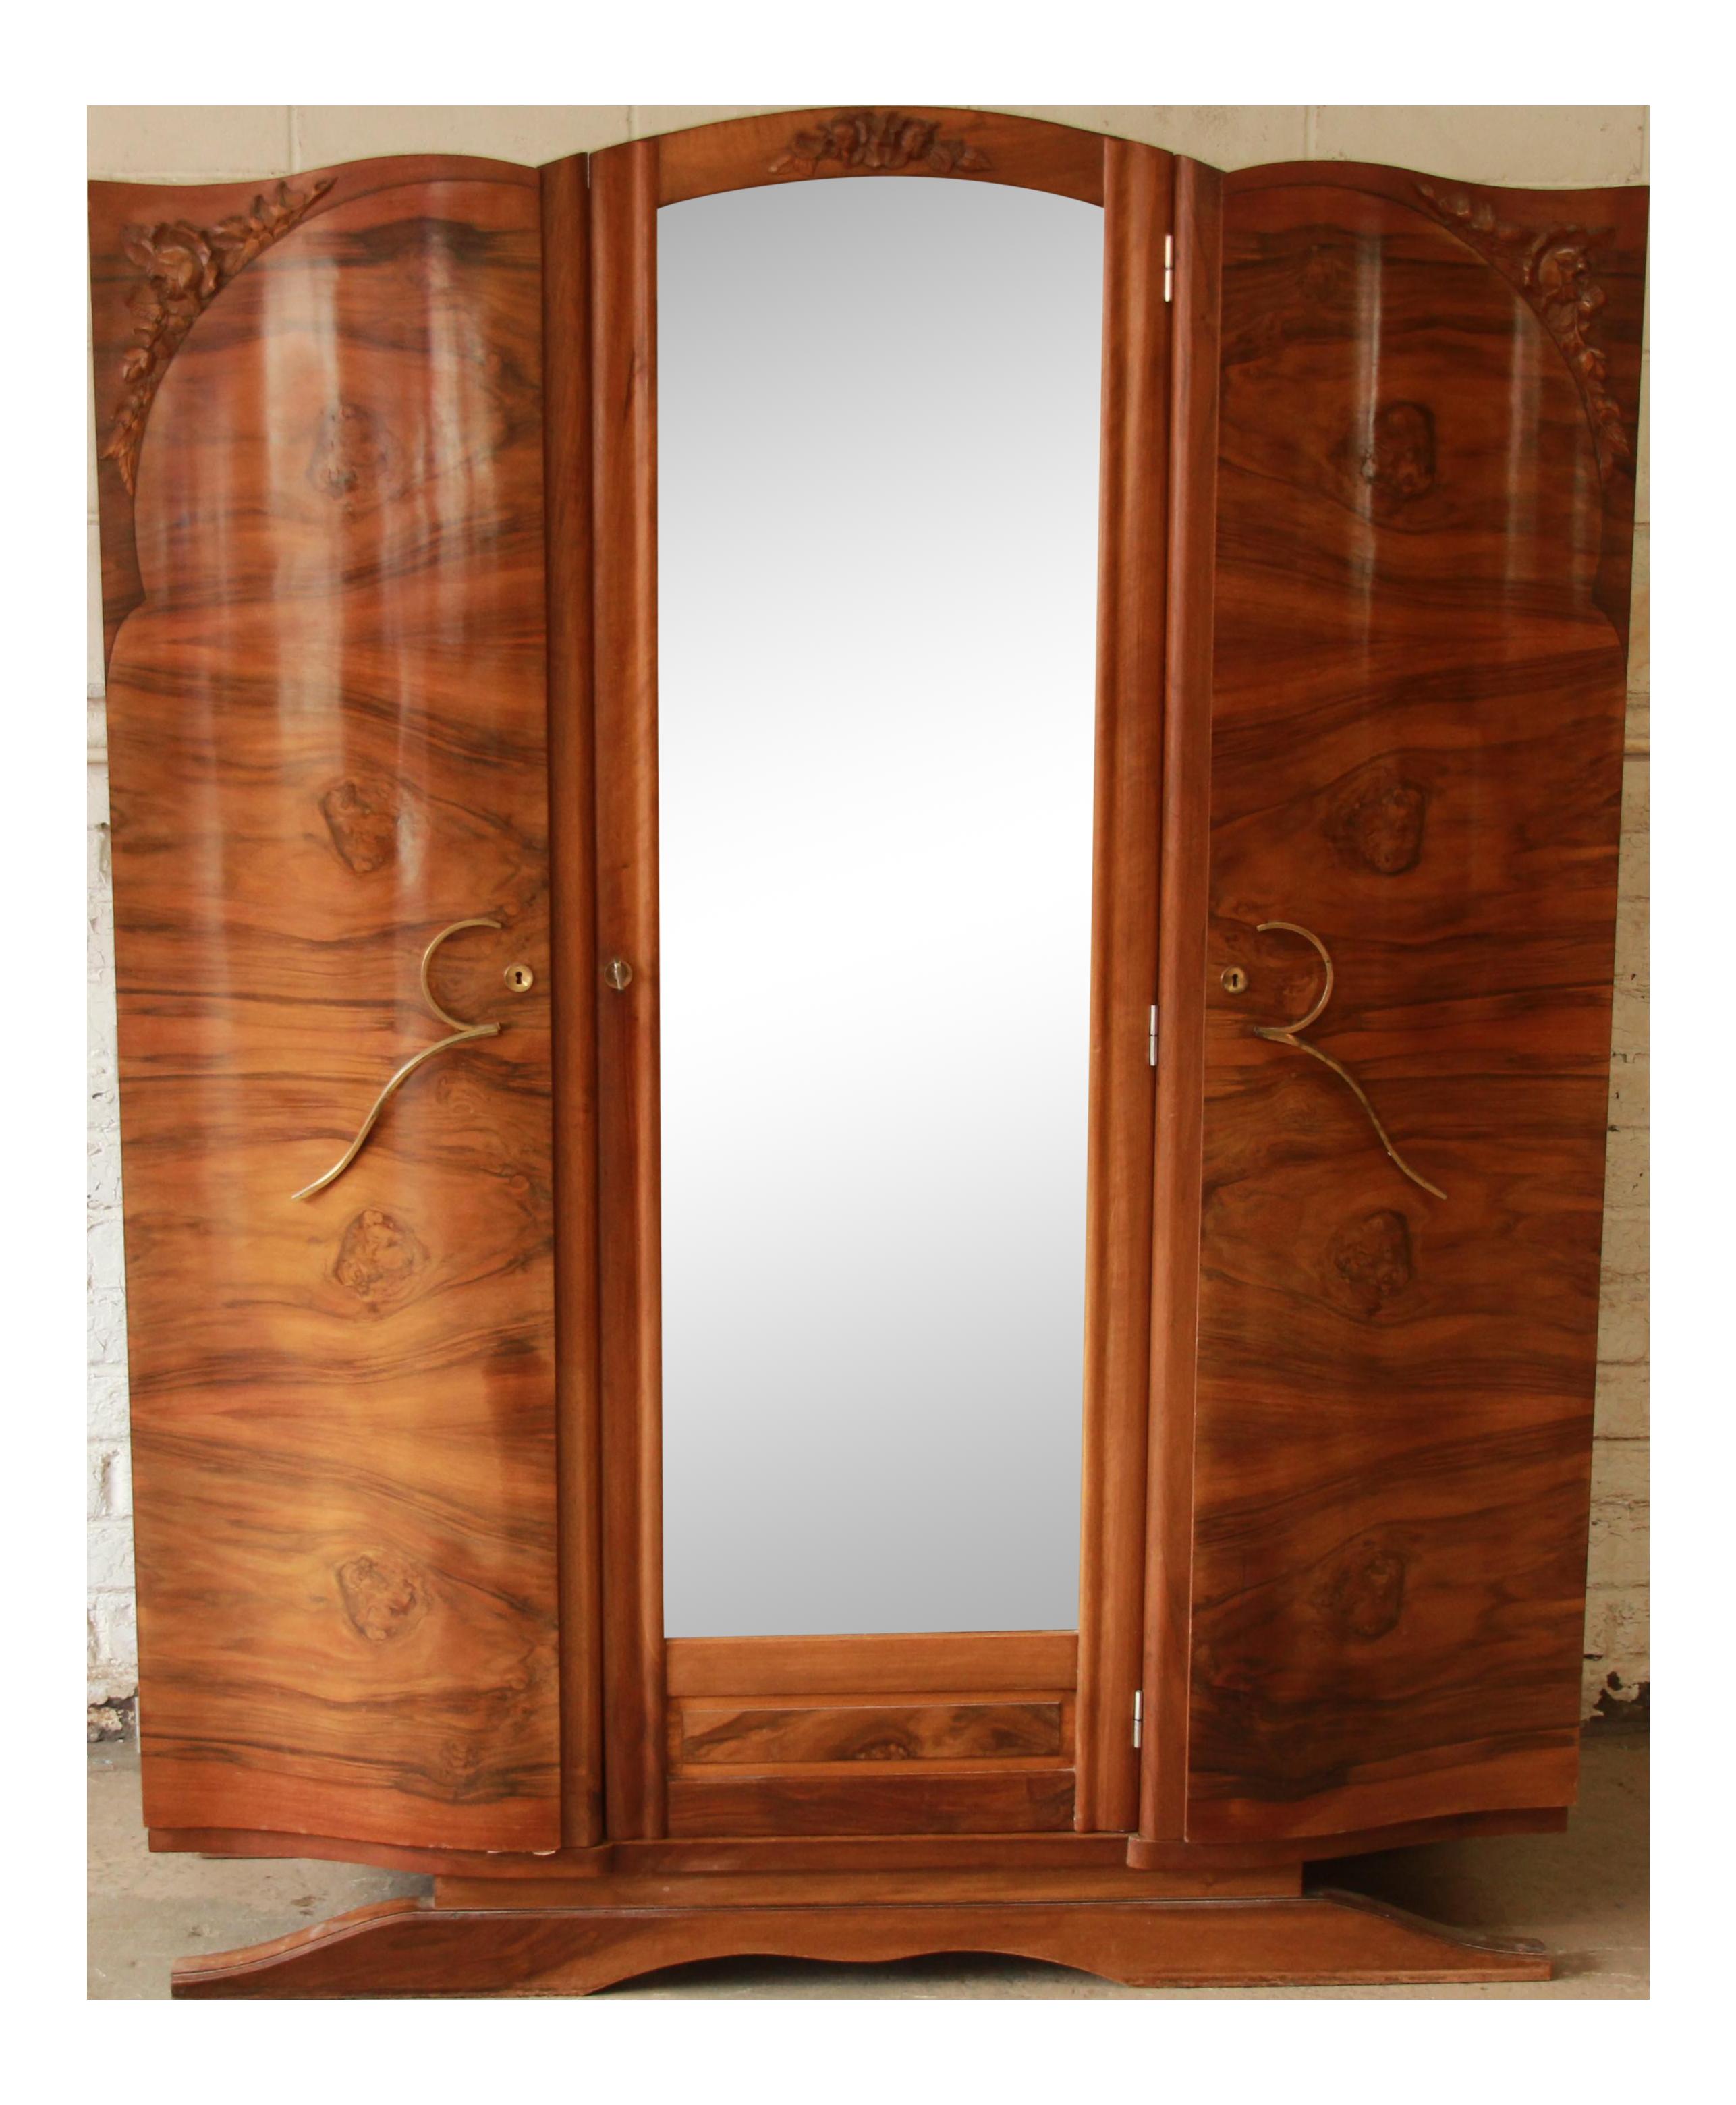 1930s French Art Deco Mirrored Wardrobe Chairish